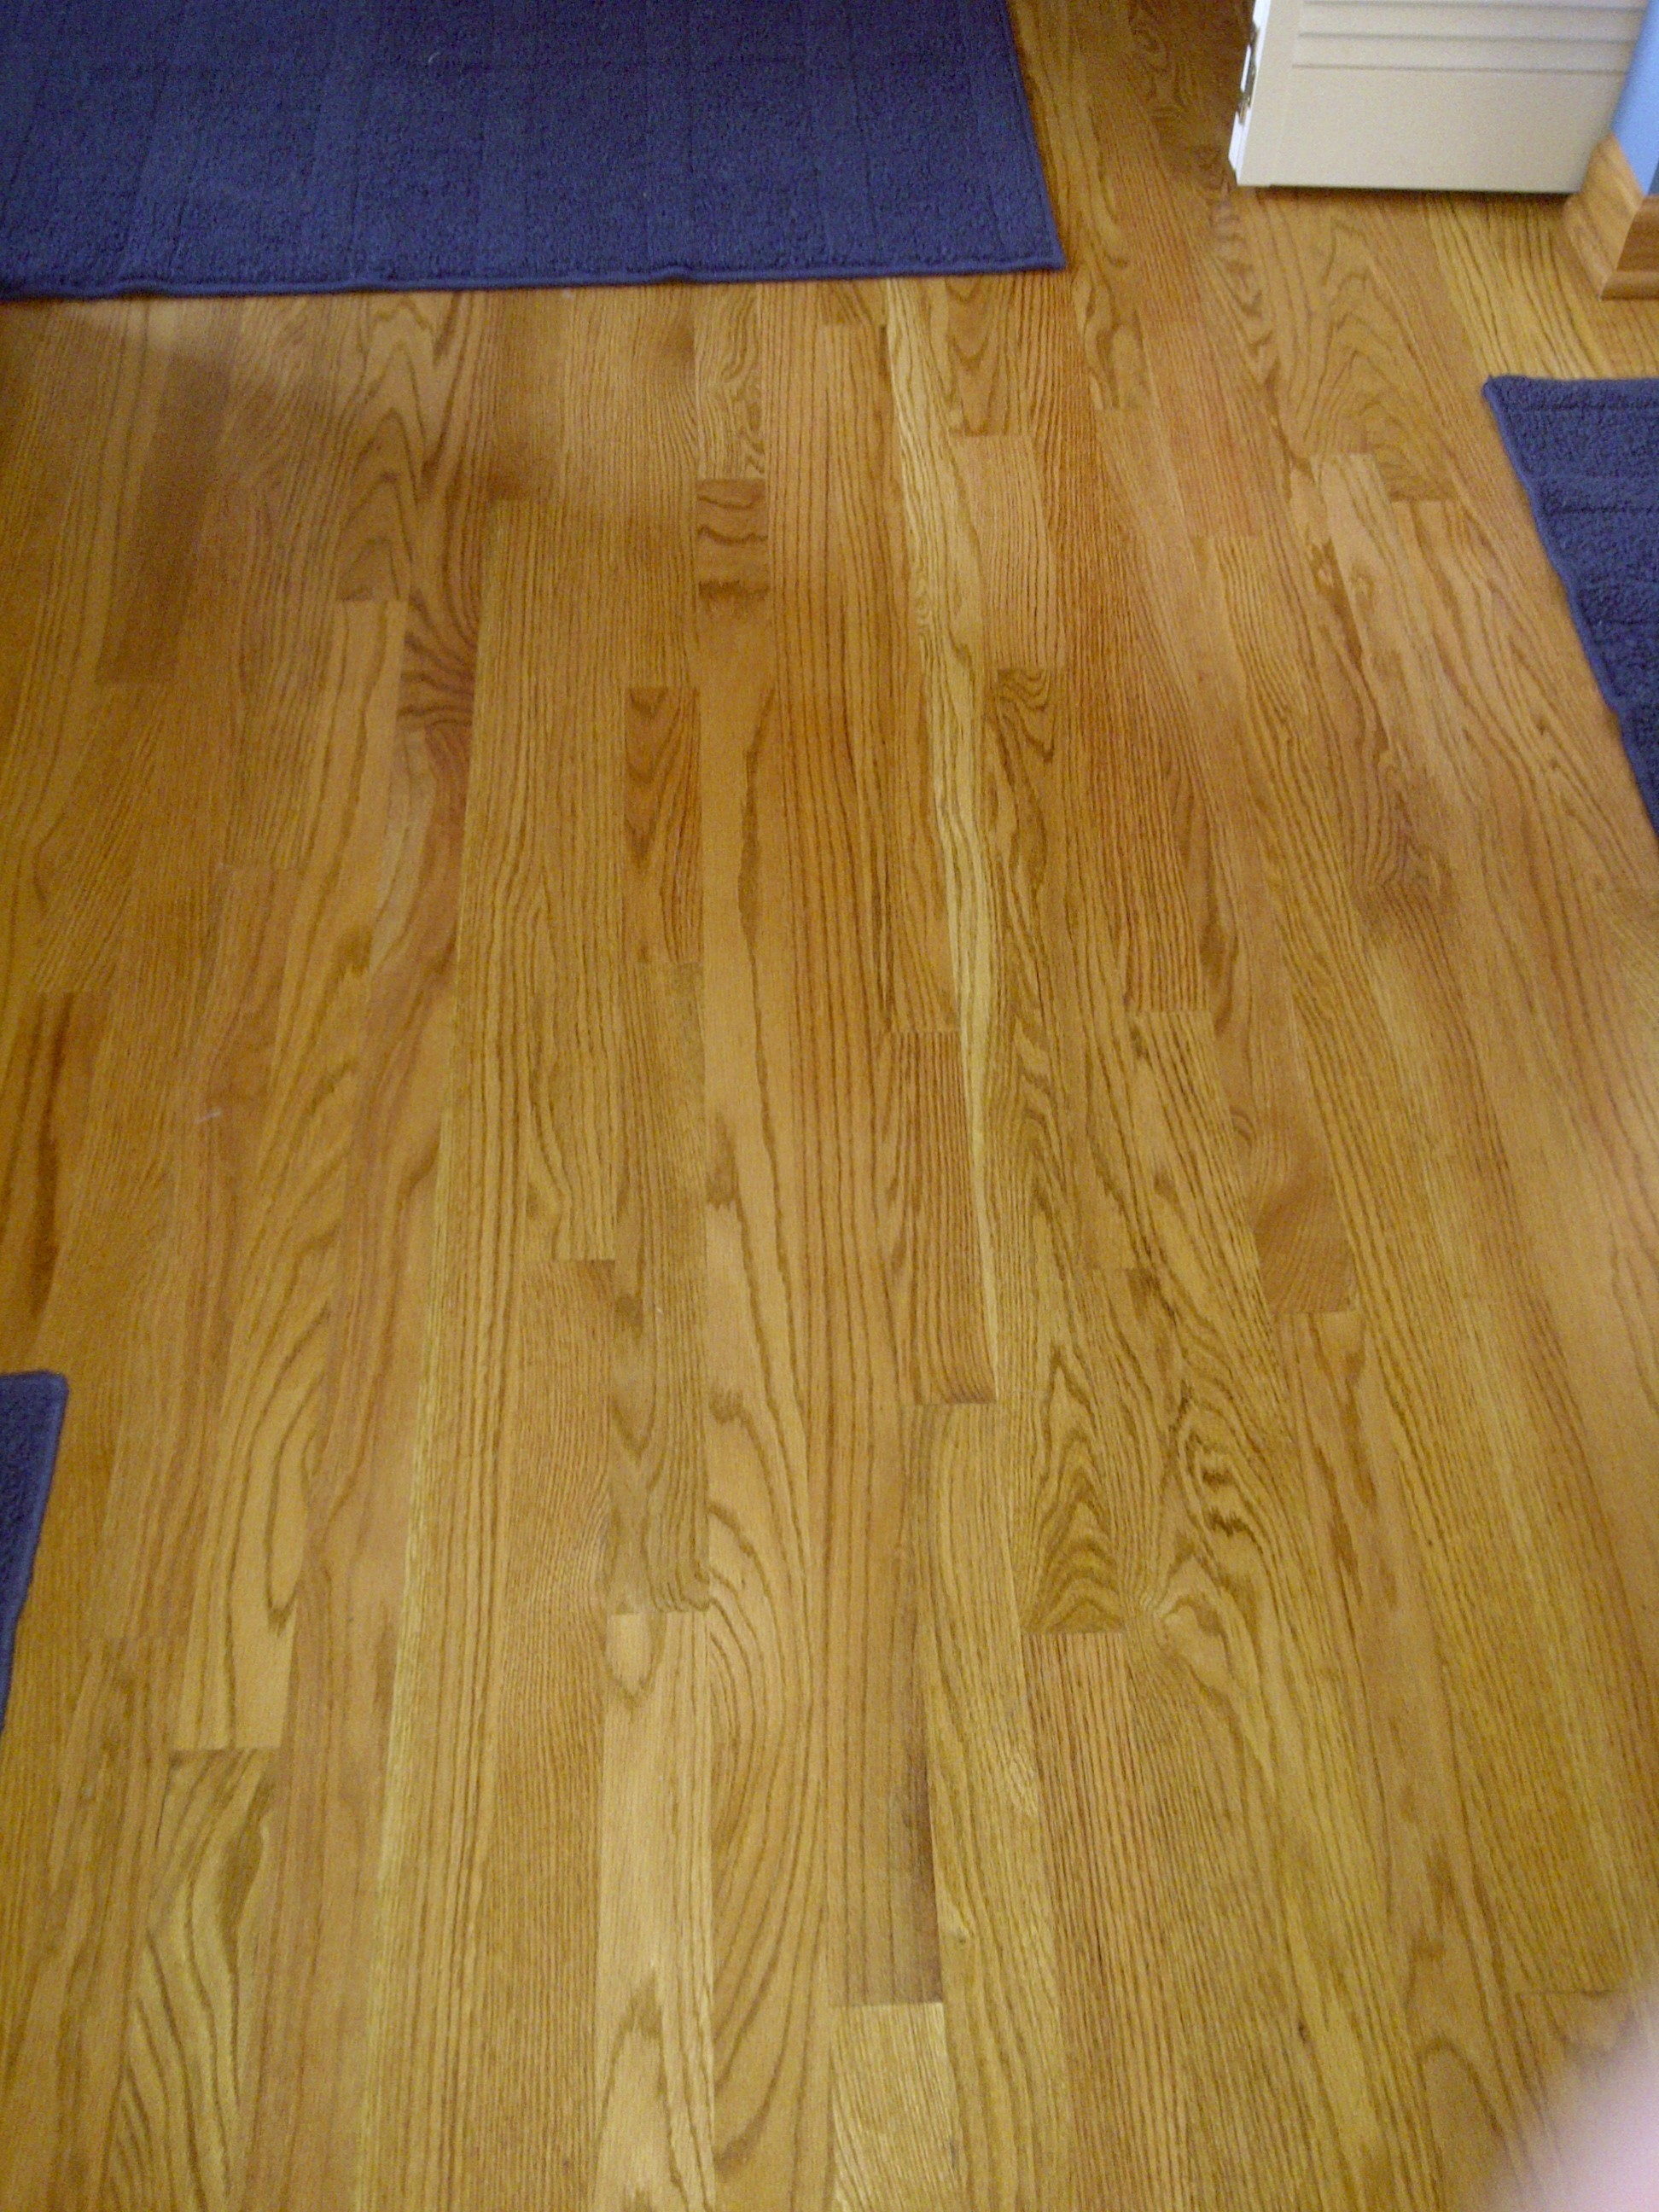 How To Clean Wood Floors Grandmother Musings